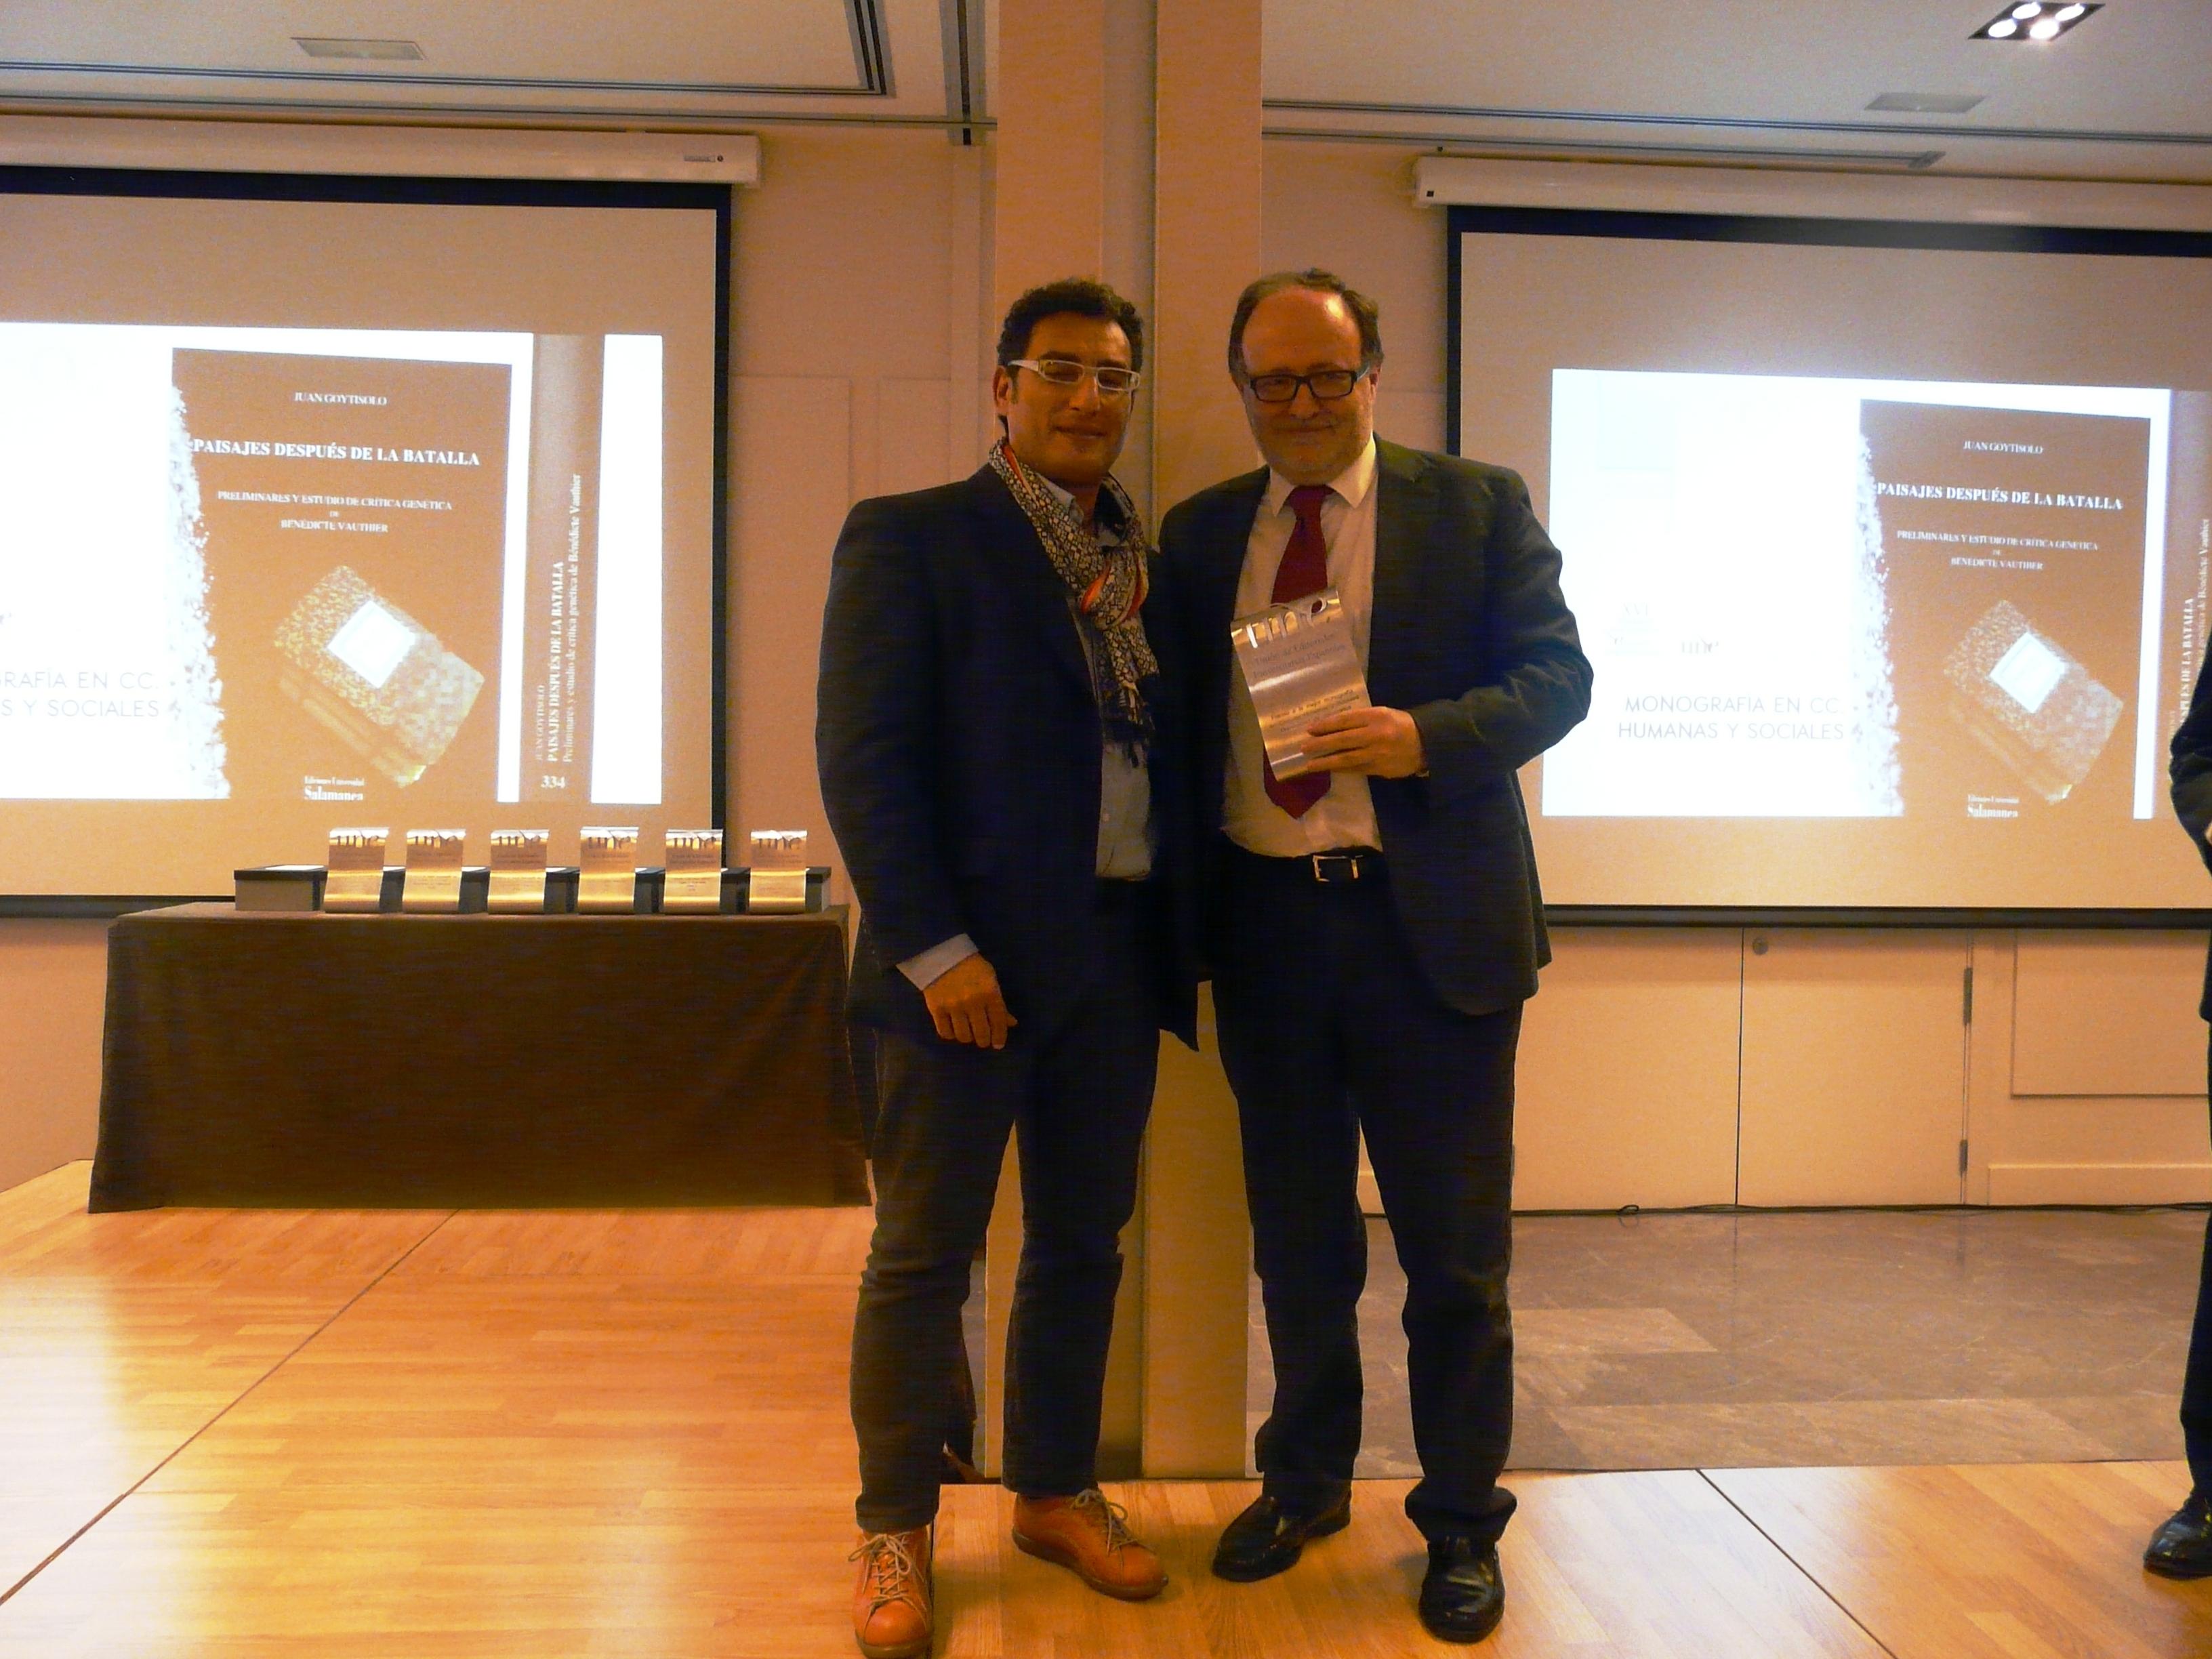 La Universidad de Salamanca galardonada en los XVI Premios Nacionales de Edición Universitaria